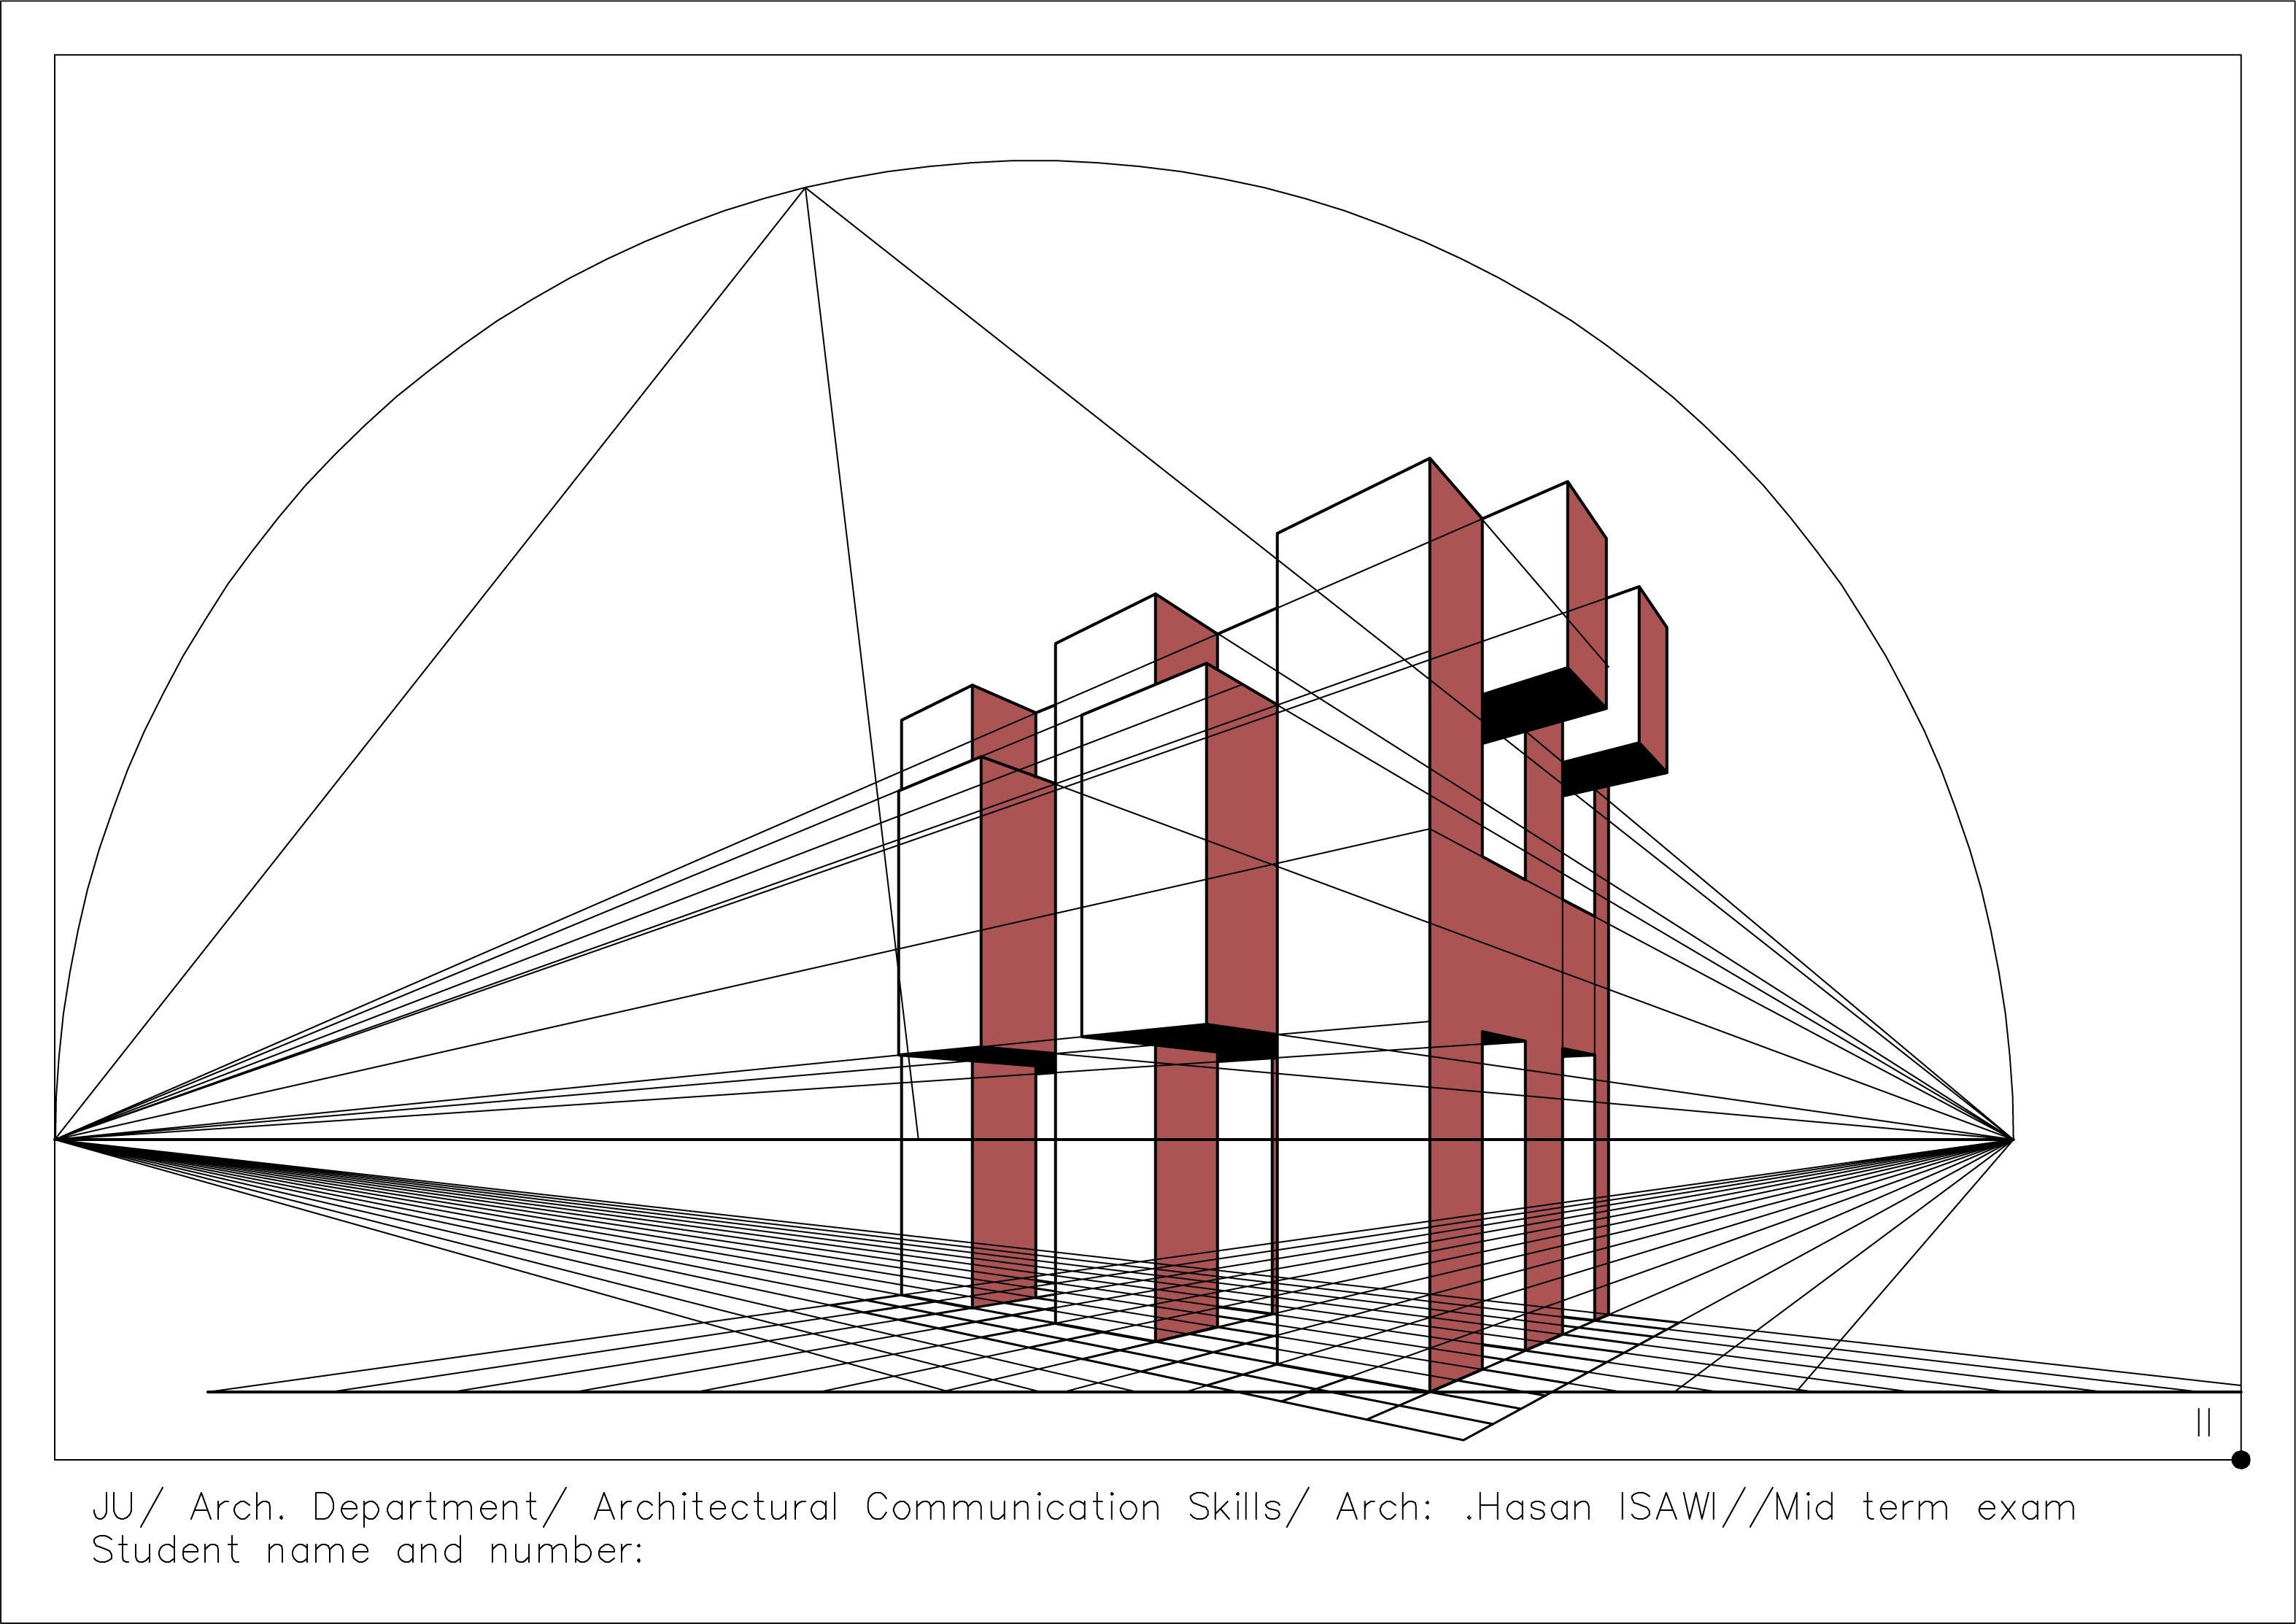 مهارات اتصال معماري مرحلة الاضافة